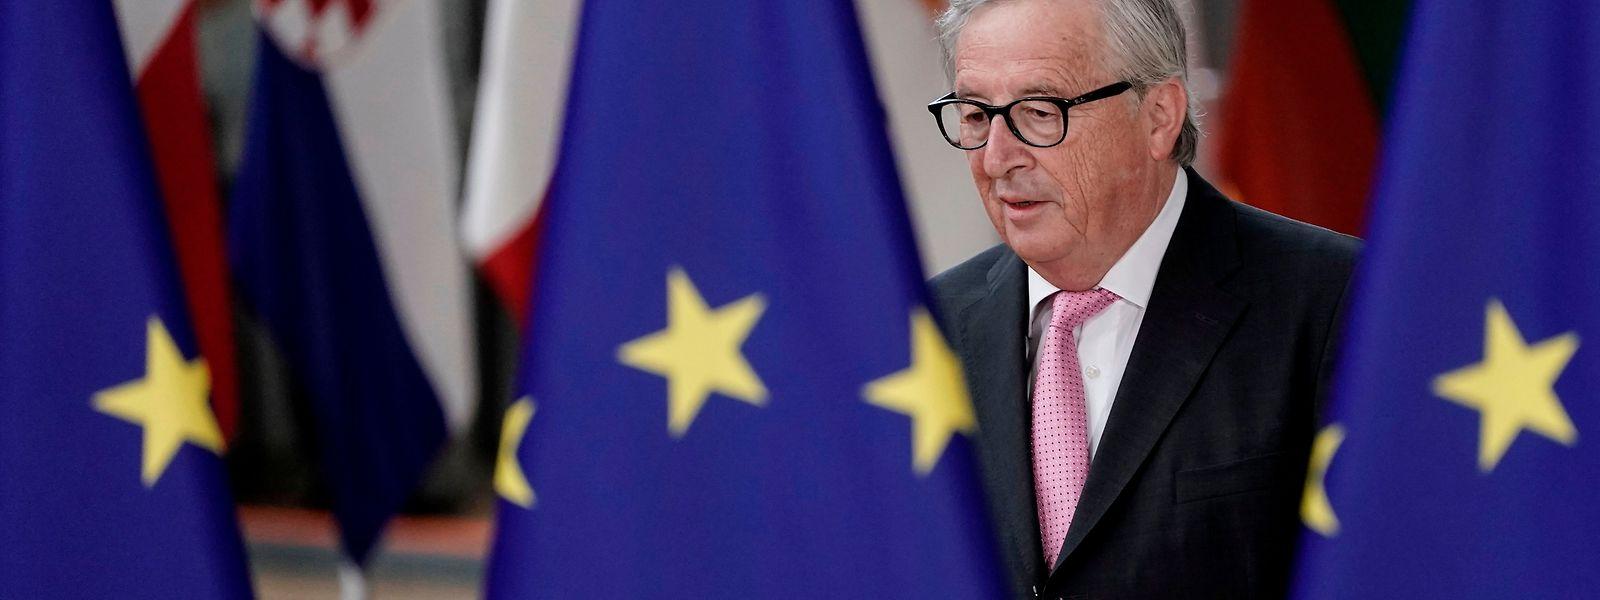 Nach einer krankheitsbedingten Pause hat Juncker am Dienstag die Arbeit wieder aufgenommen.